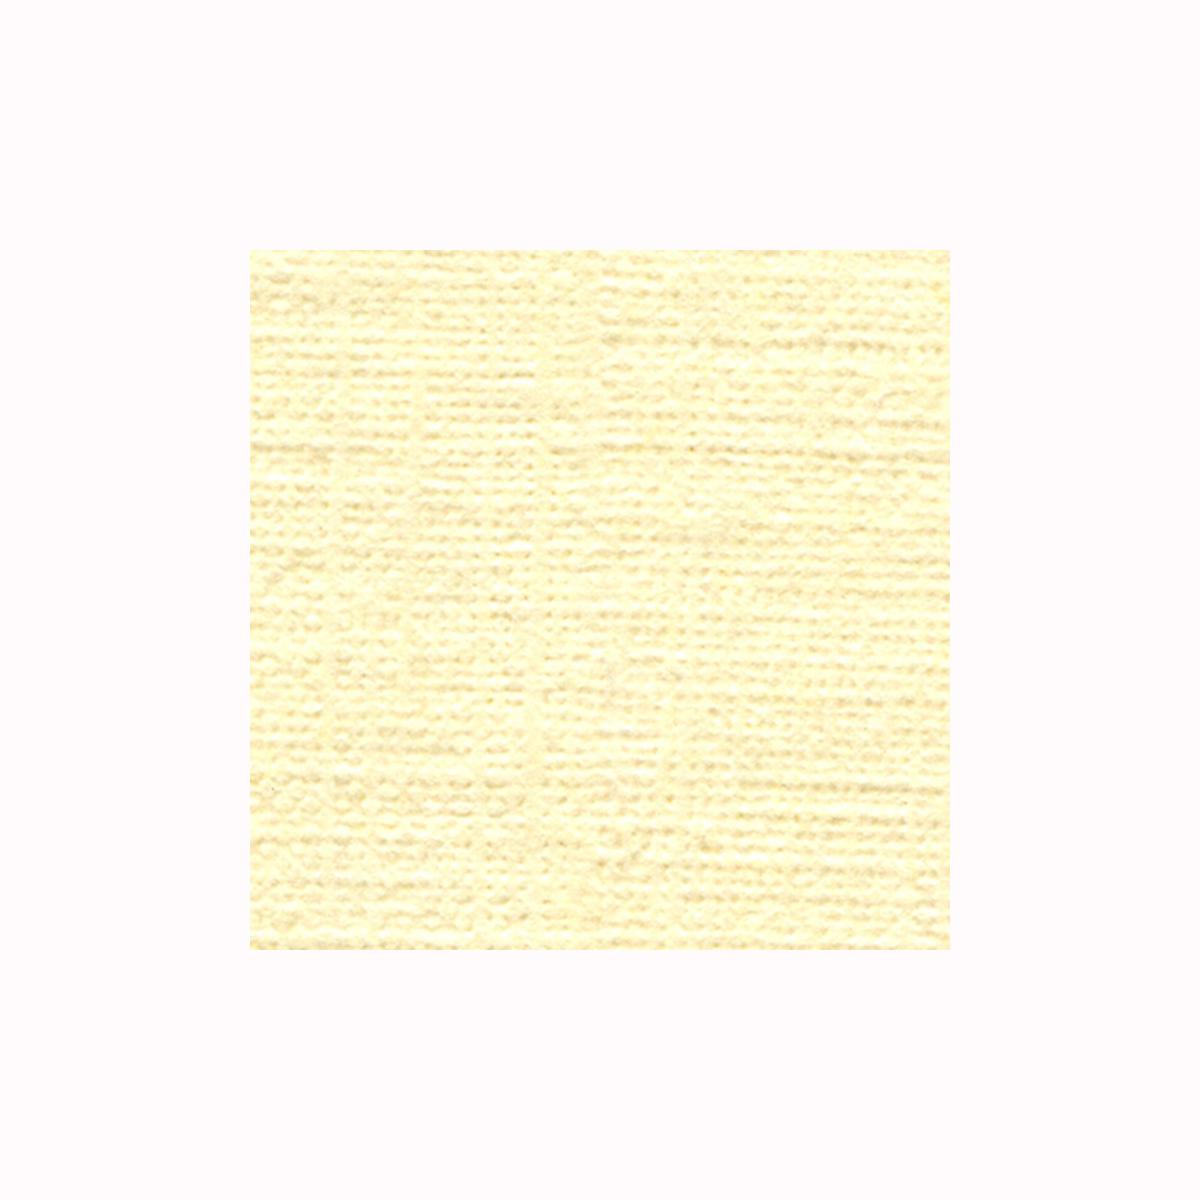 Бумага фактурная Лоза Лен, цвет: слоновая кость, 3 листа. 582216582216Фактурная бумага для скрапбукинга Лоза Лен позволит создать красивый альбом, фоторамку или открытку ручной работы, оформить подарок или аппликацию. Набор включает в себя 3 листа из плотной бумаги. Скрапбукинг - это хобби, которое способно приносить массу приятных эмоций не только человеку, который этим занимается, но и его близким, друзьям, родным. Это невероятно увлекательное занятие, которое поможет вам сохранить наиболее памятные и яркие моменты вашей жизни, а также интересно оформить интерьер дома. Плотность бумаги: 200 г/м2.